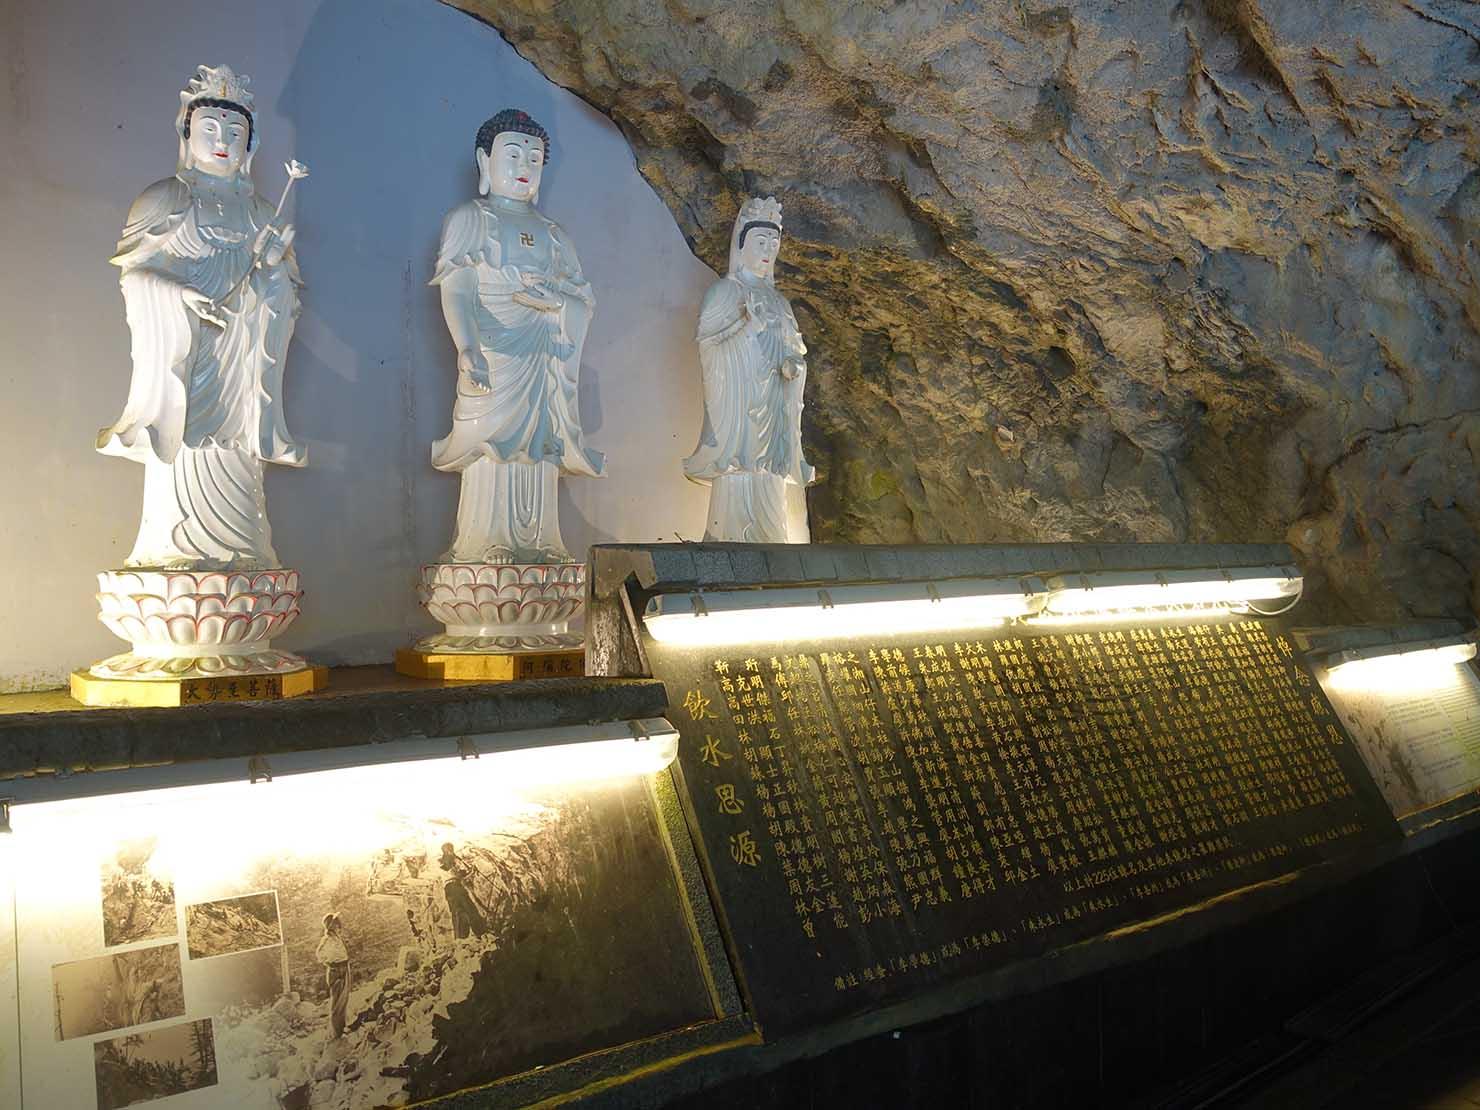 KKday外国人限定「花蓮・太魯閣(タロコ)日帰りツアー」長春祠に祀られた神様の像